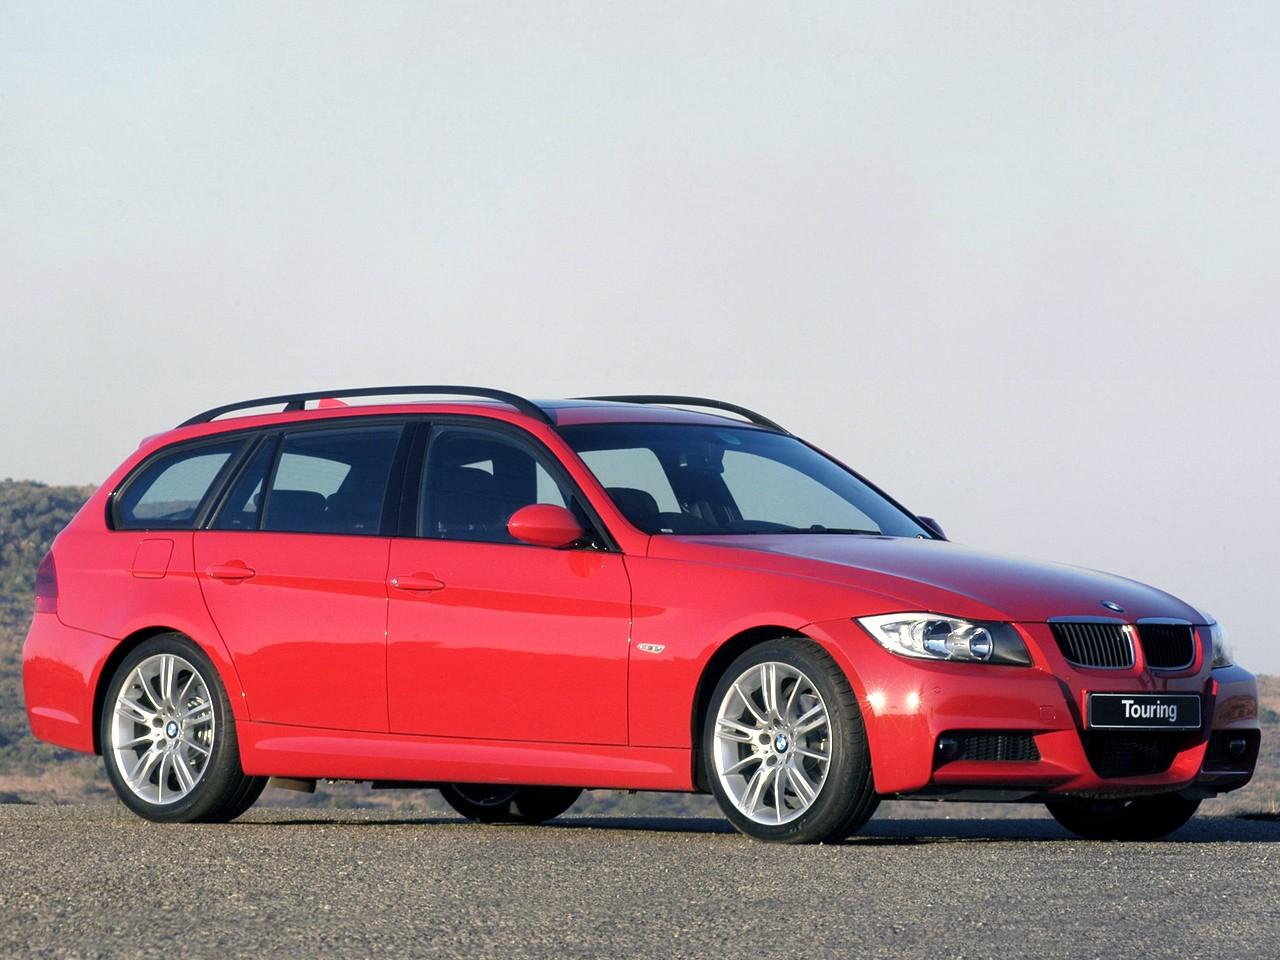 2005 Bmw 325xi >> BMW 3 Series Touring (E91) - 2005, 2006, 2007, 2008 ...